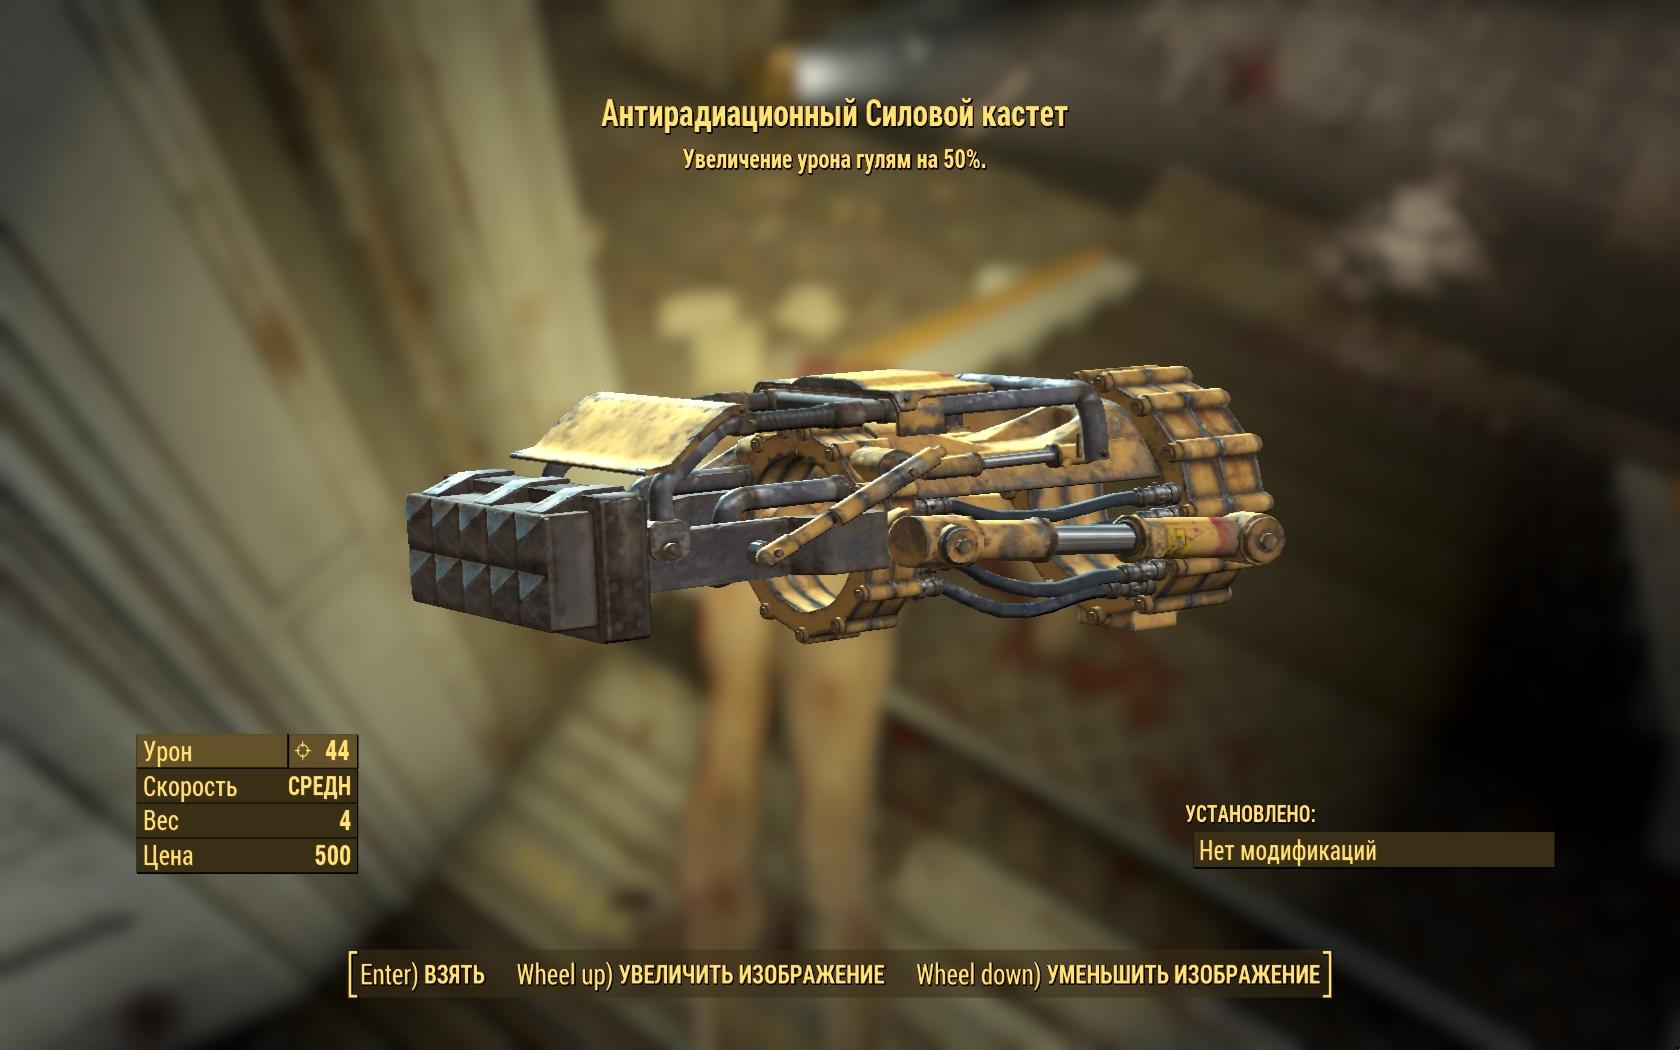 Антирадиационный силовой кастет - Fallout 4 Антирадиационный, Оружие, силовой